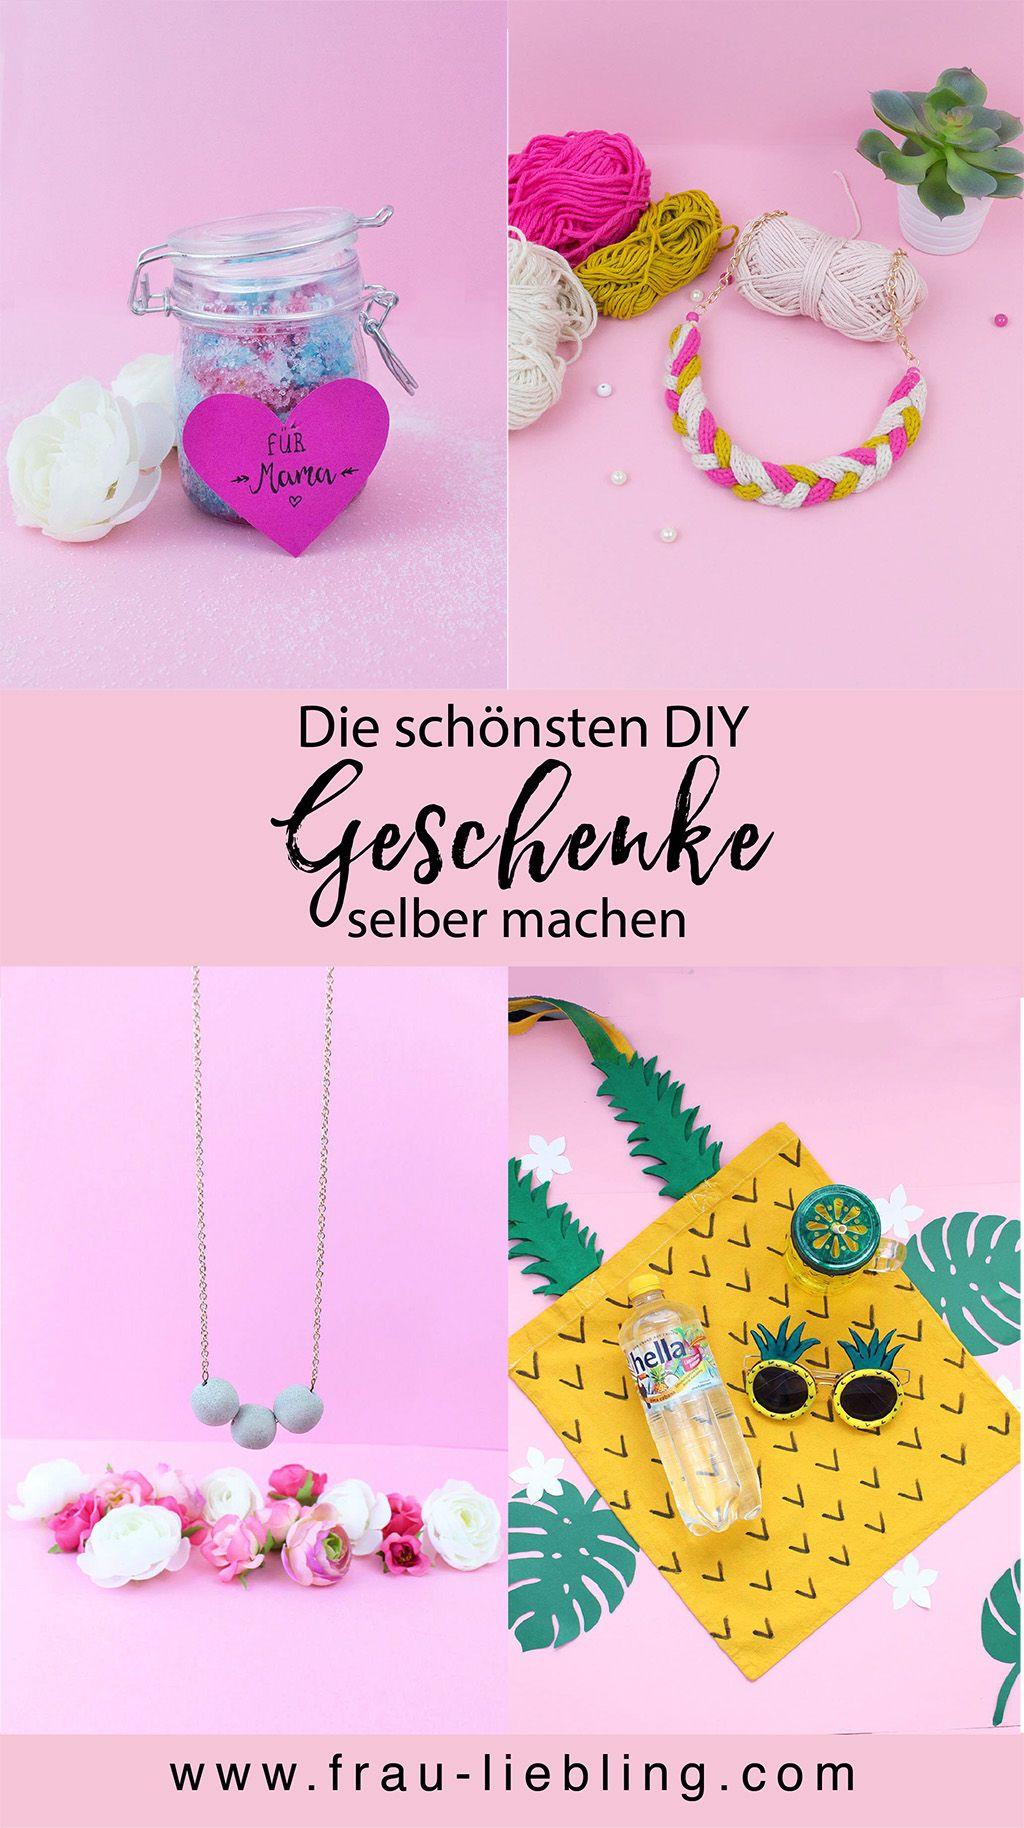 Diy Blumenverpackung Mit Gratis Geschenkpapier Diy Geschenke